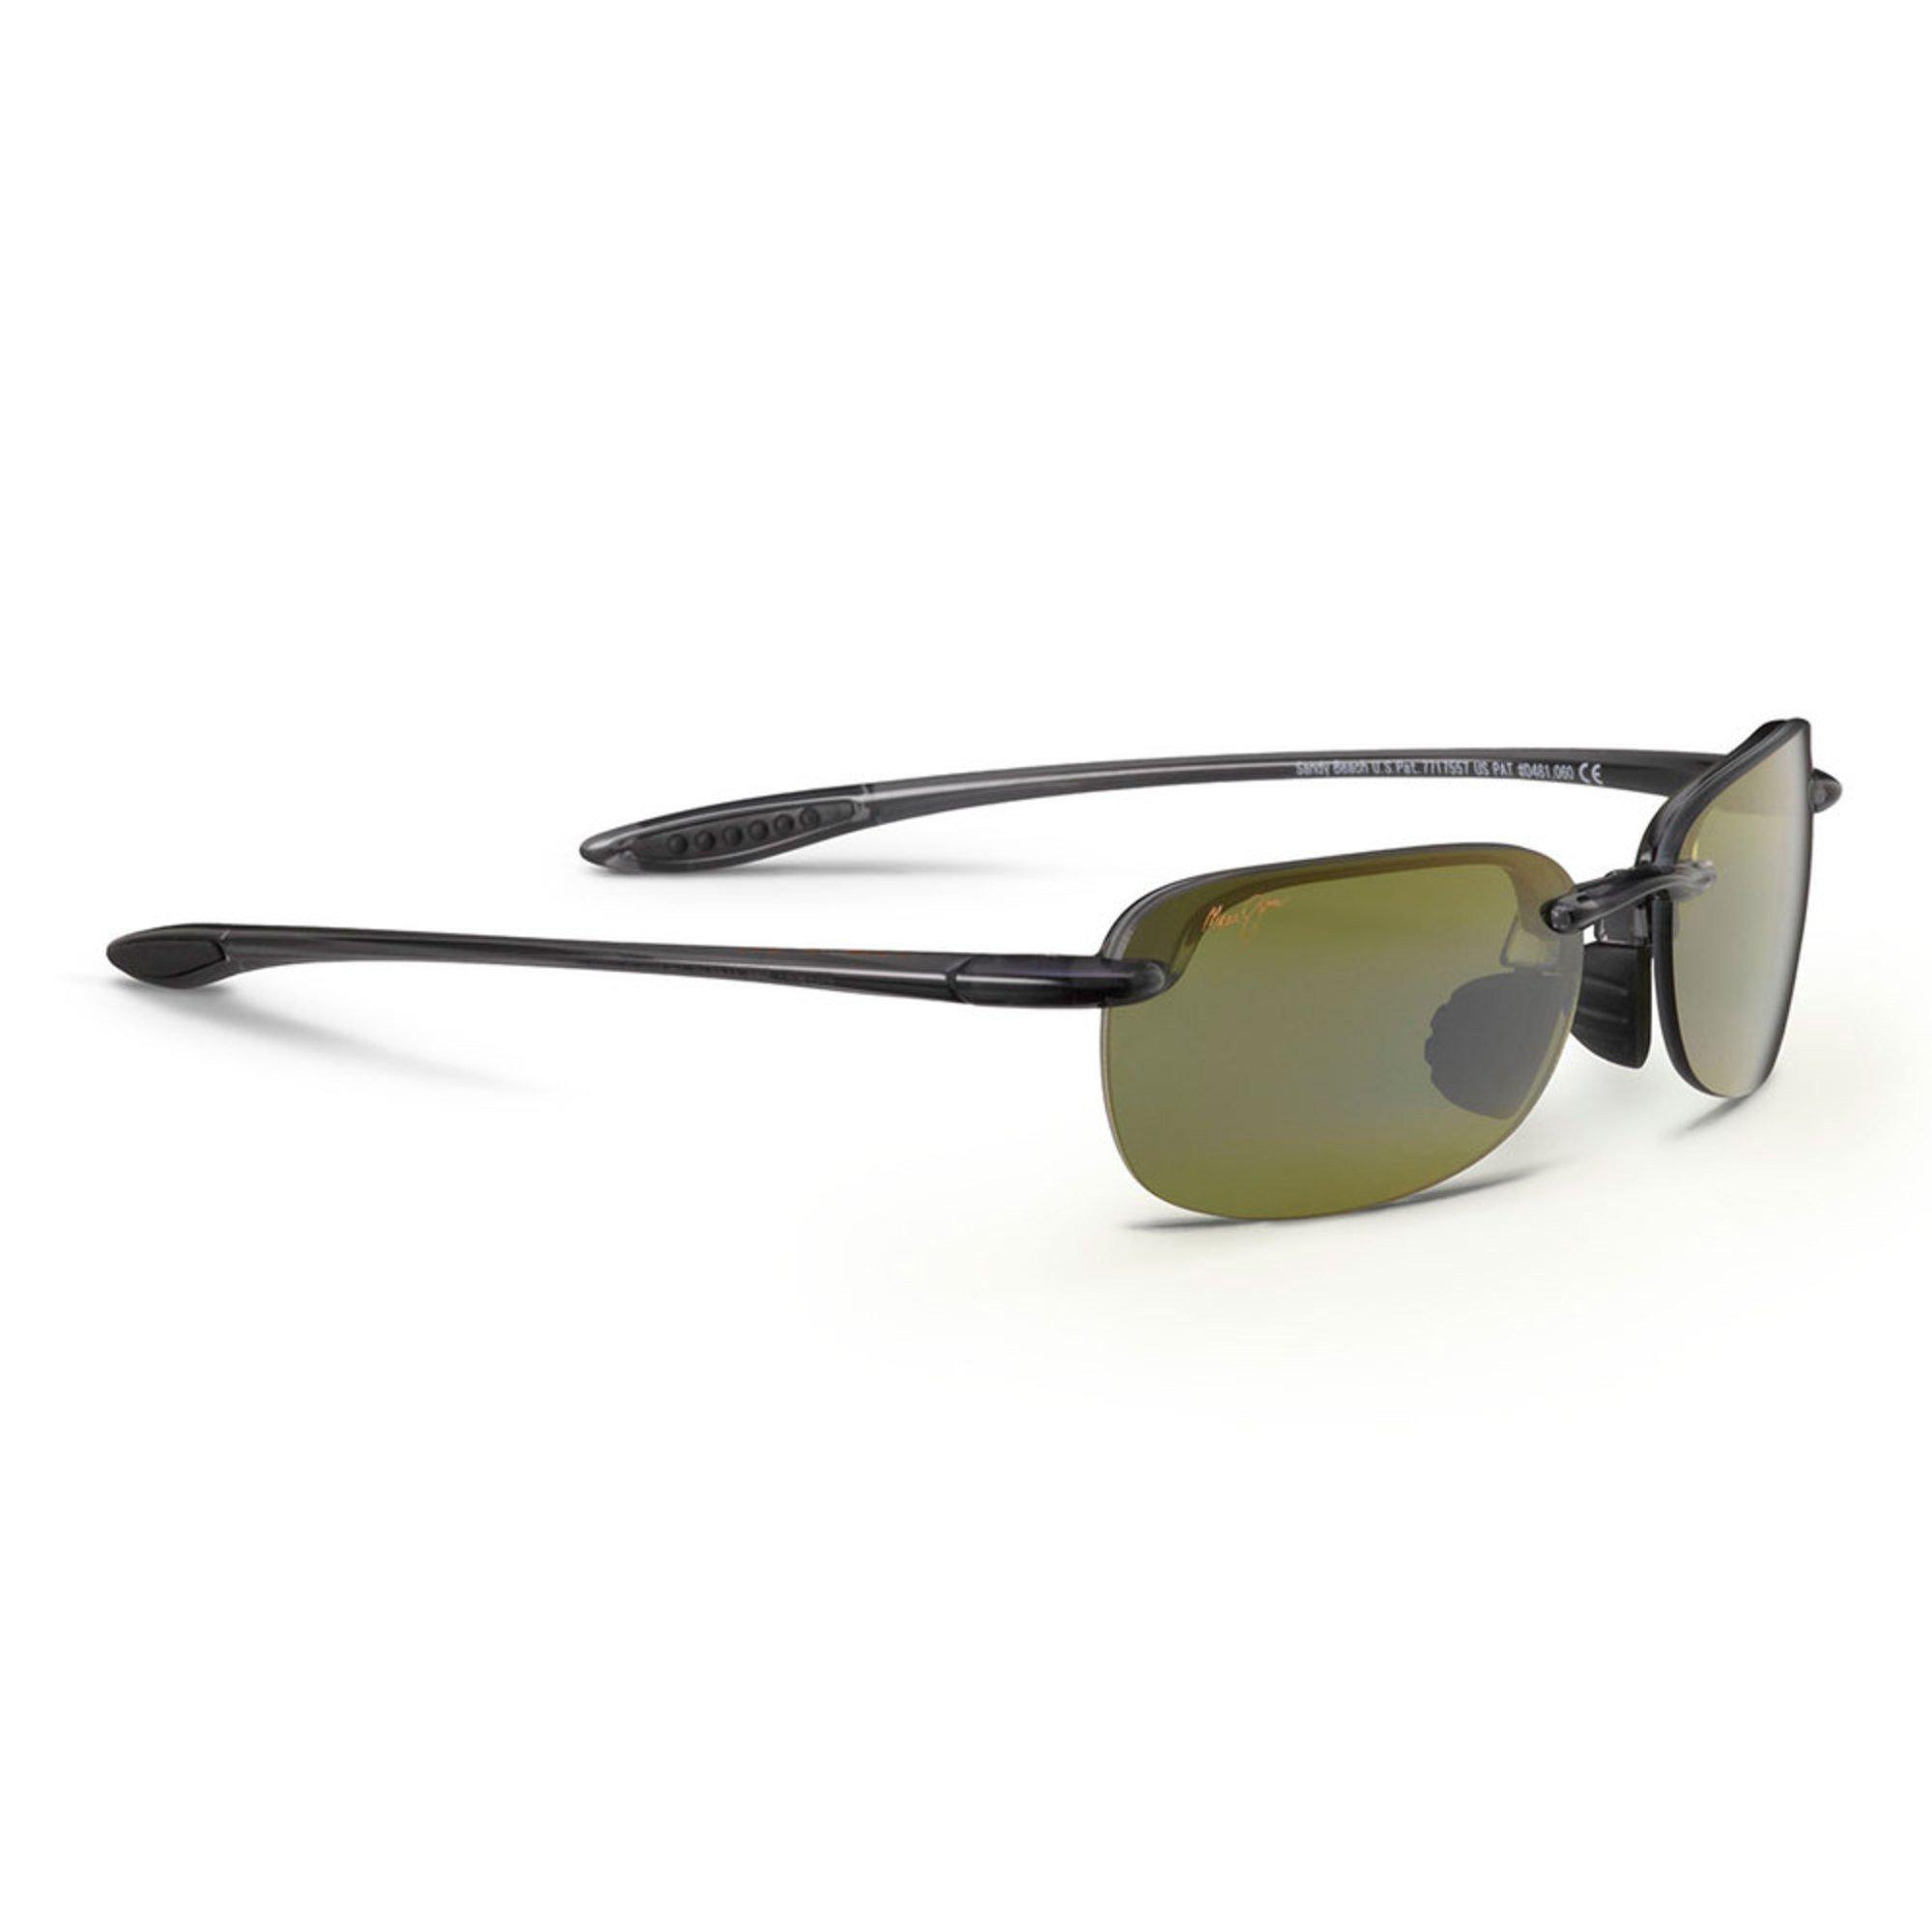 603ea1930262 Maui Jim Unisex Sandy Beach Tortoise Rimless Sunglasses | Unisex ...